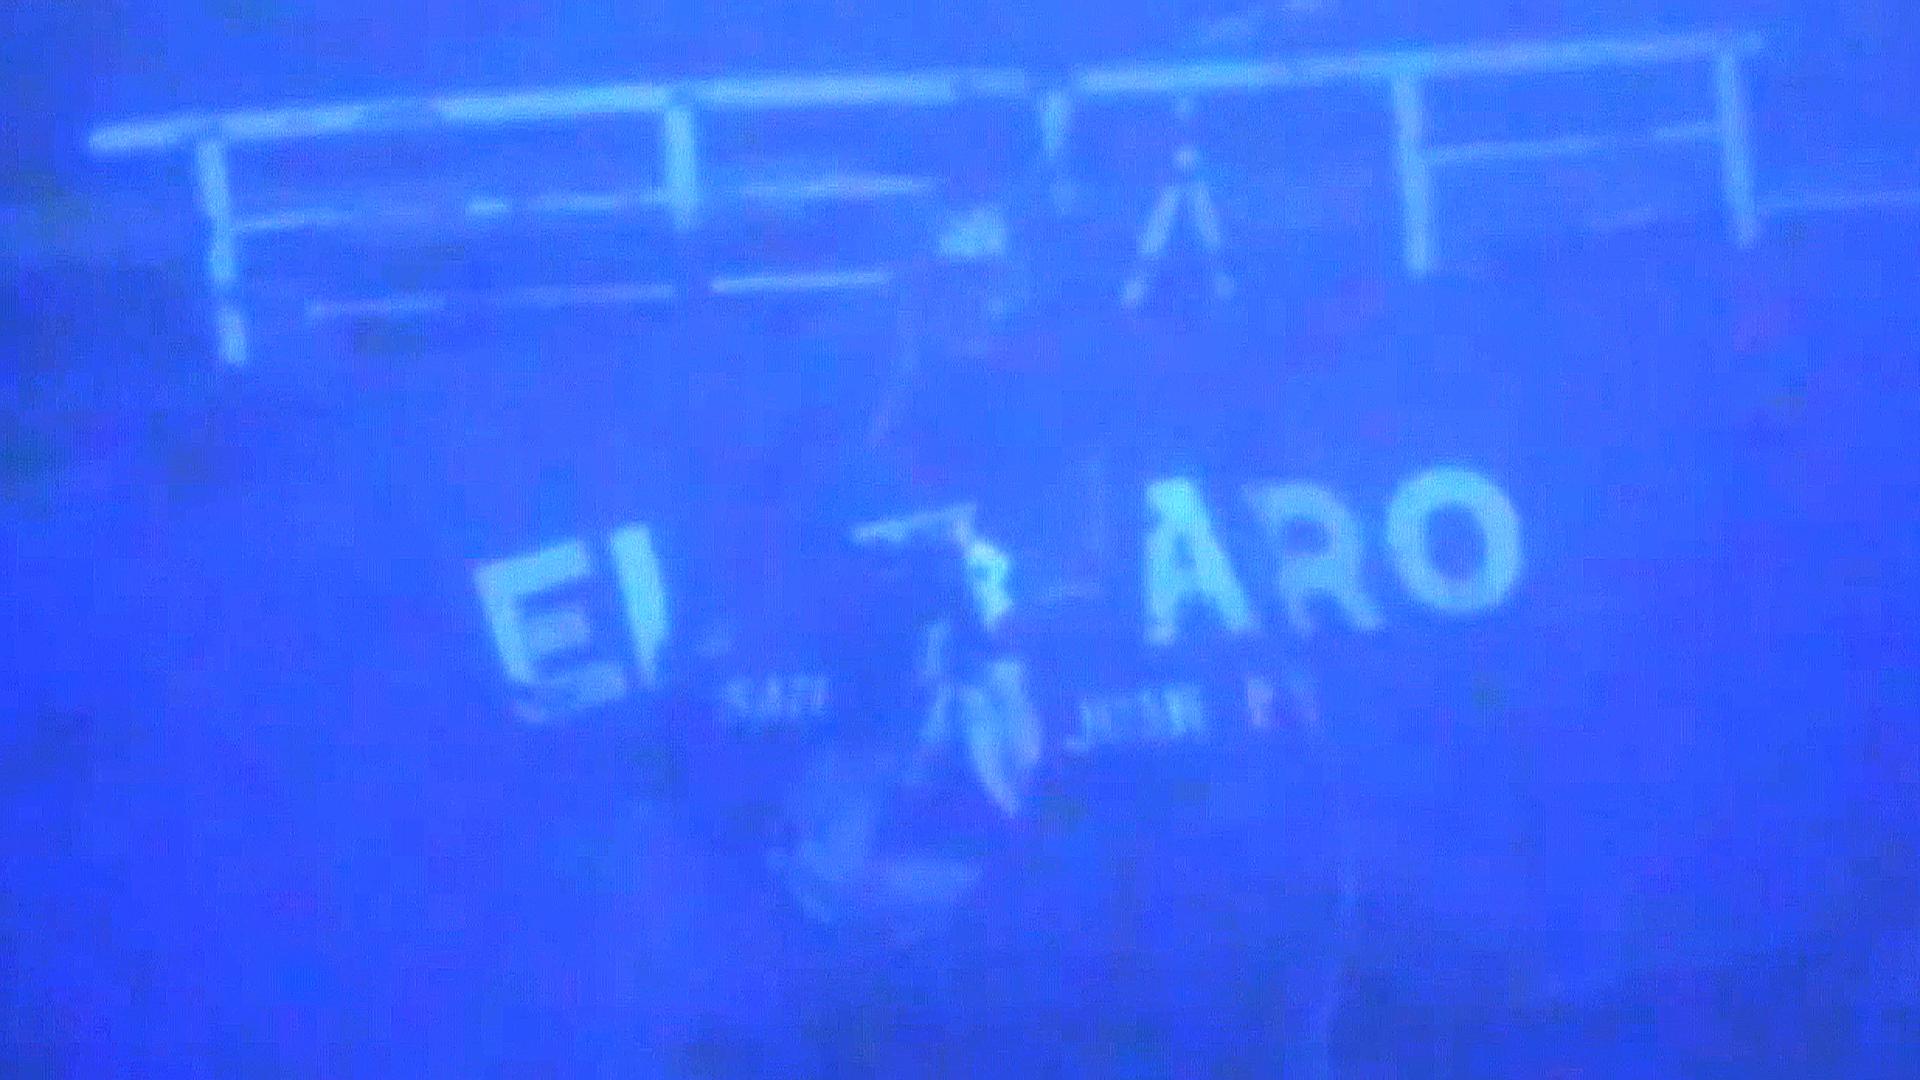 Watch As A Us Navy Rov Explores The El Faro Wreckage